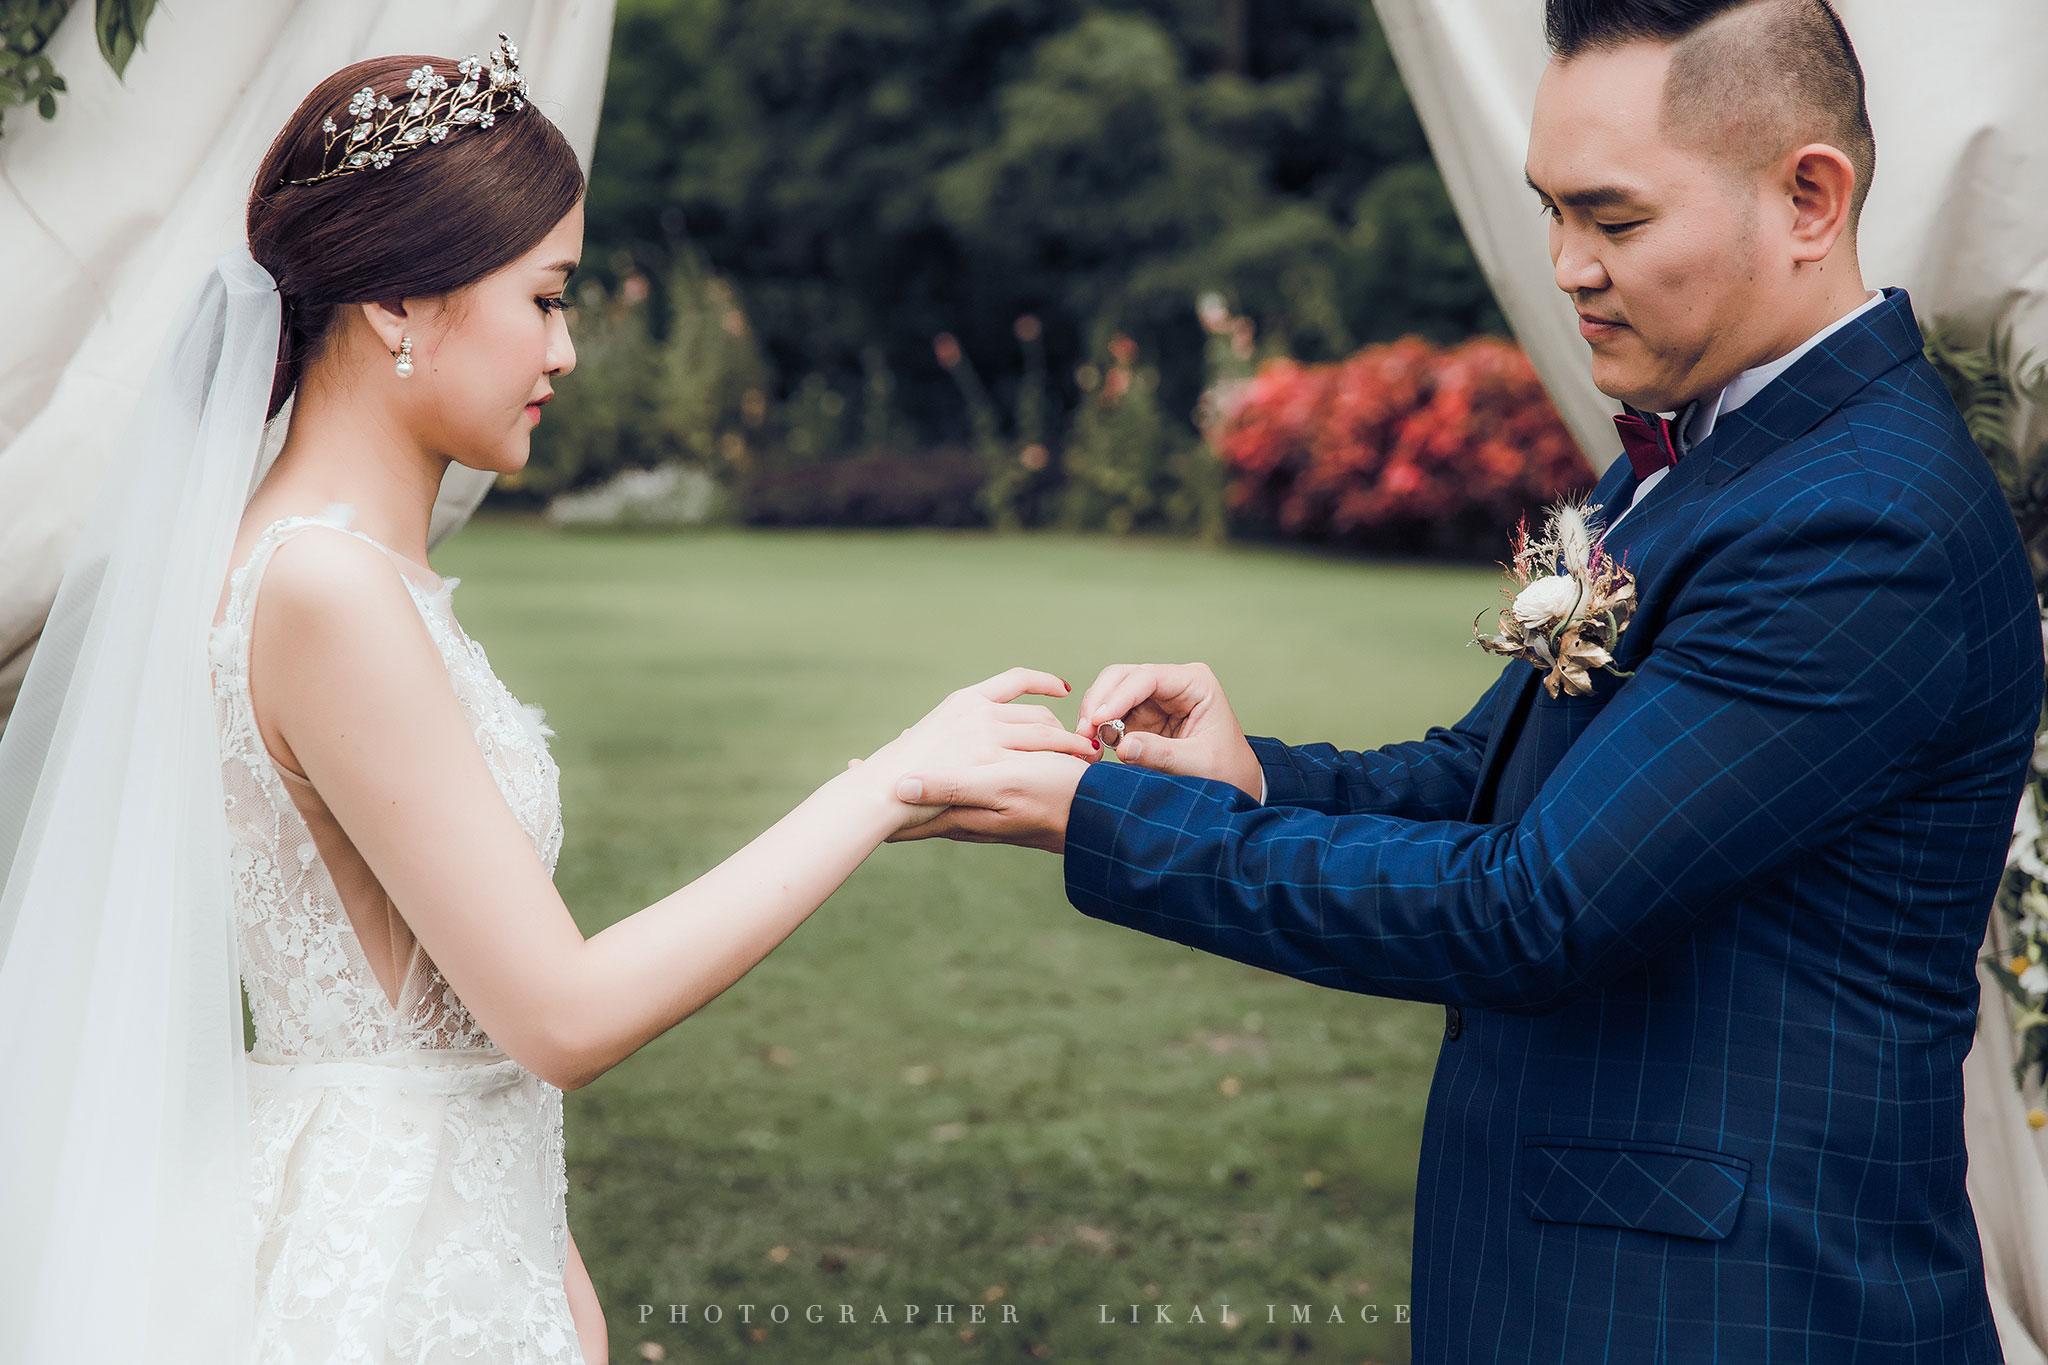 婚禮紀錄 - 曉雯&建智 - 納美花園